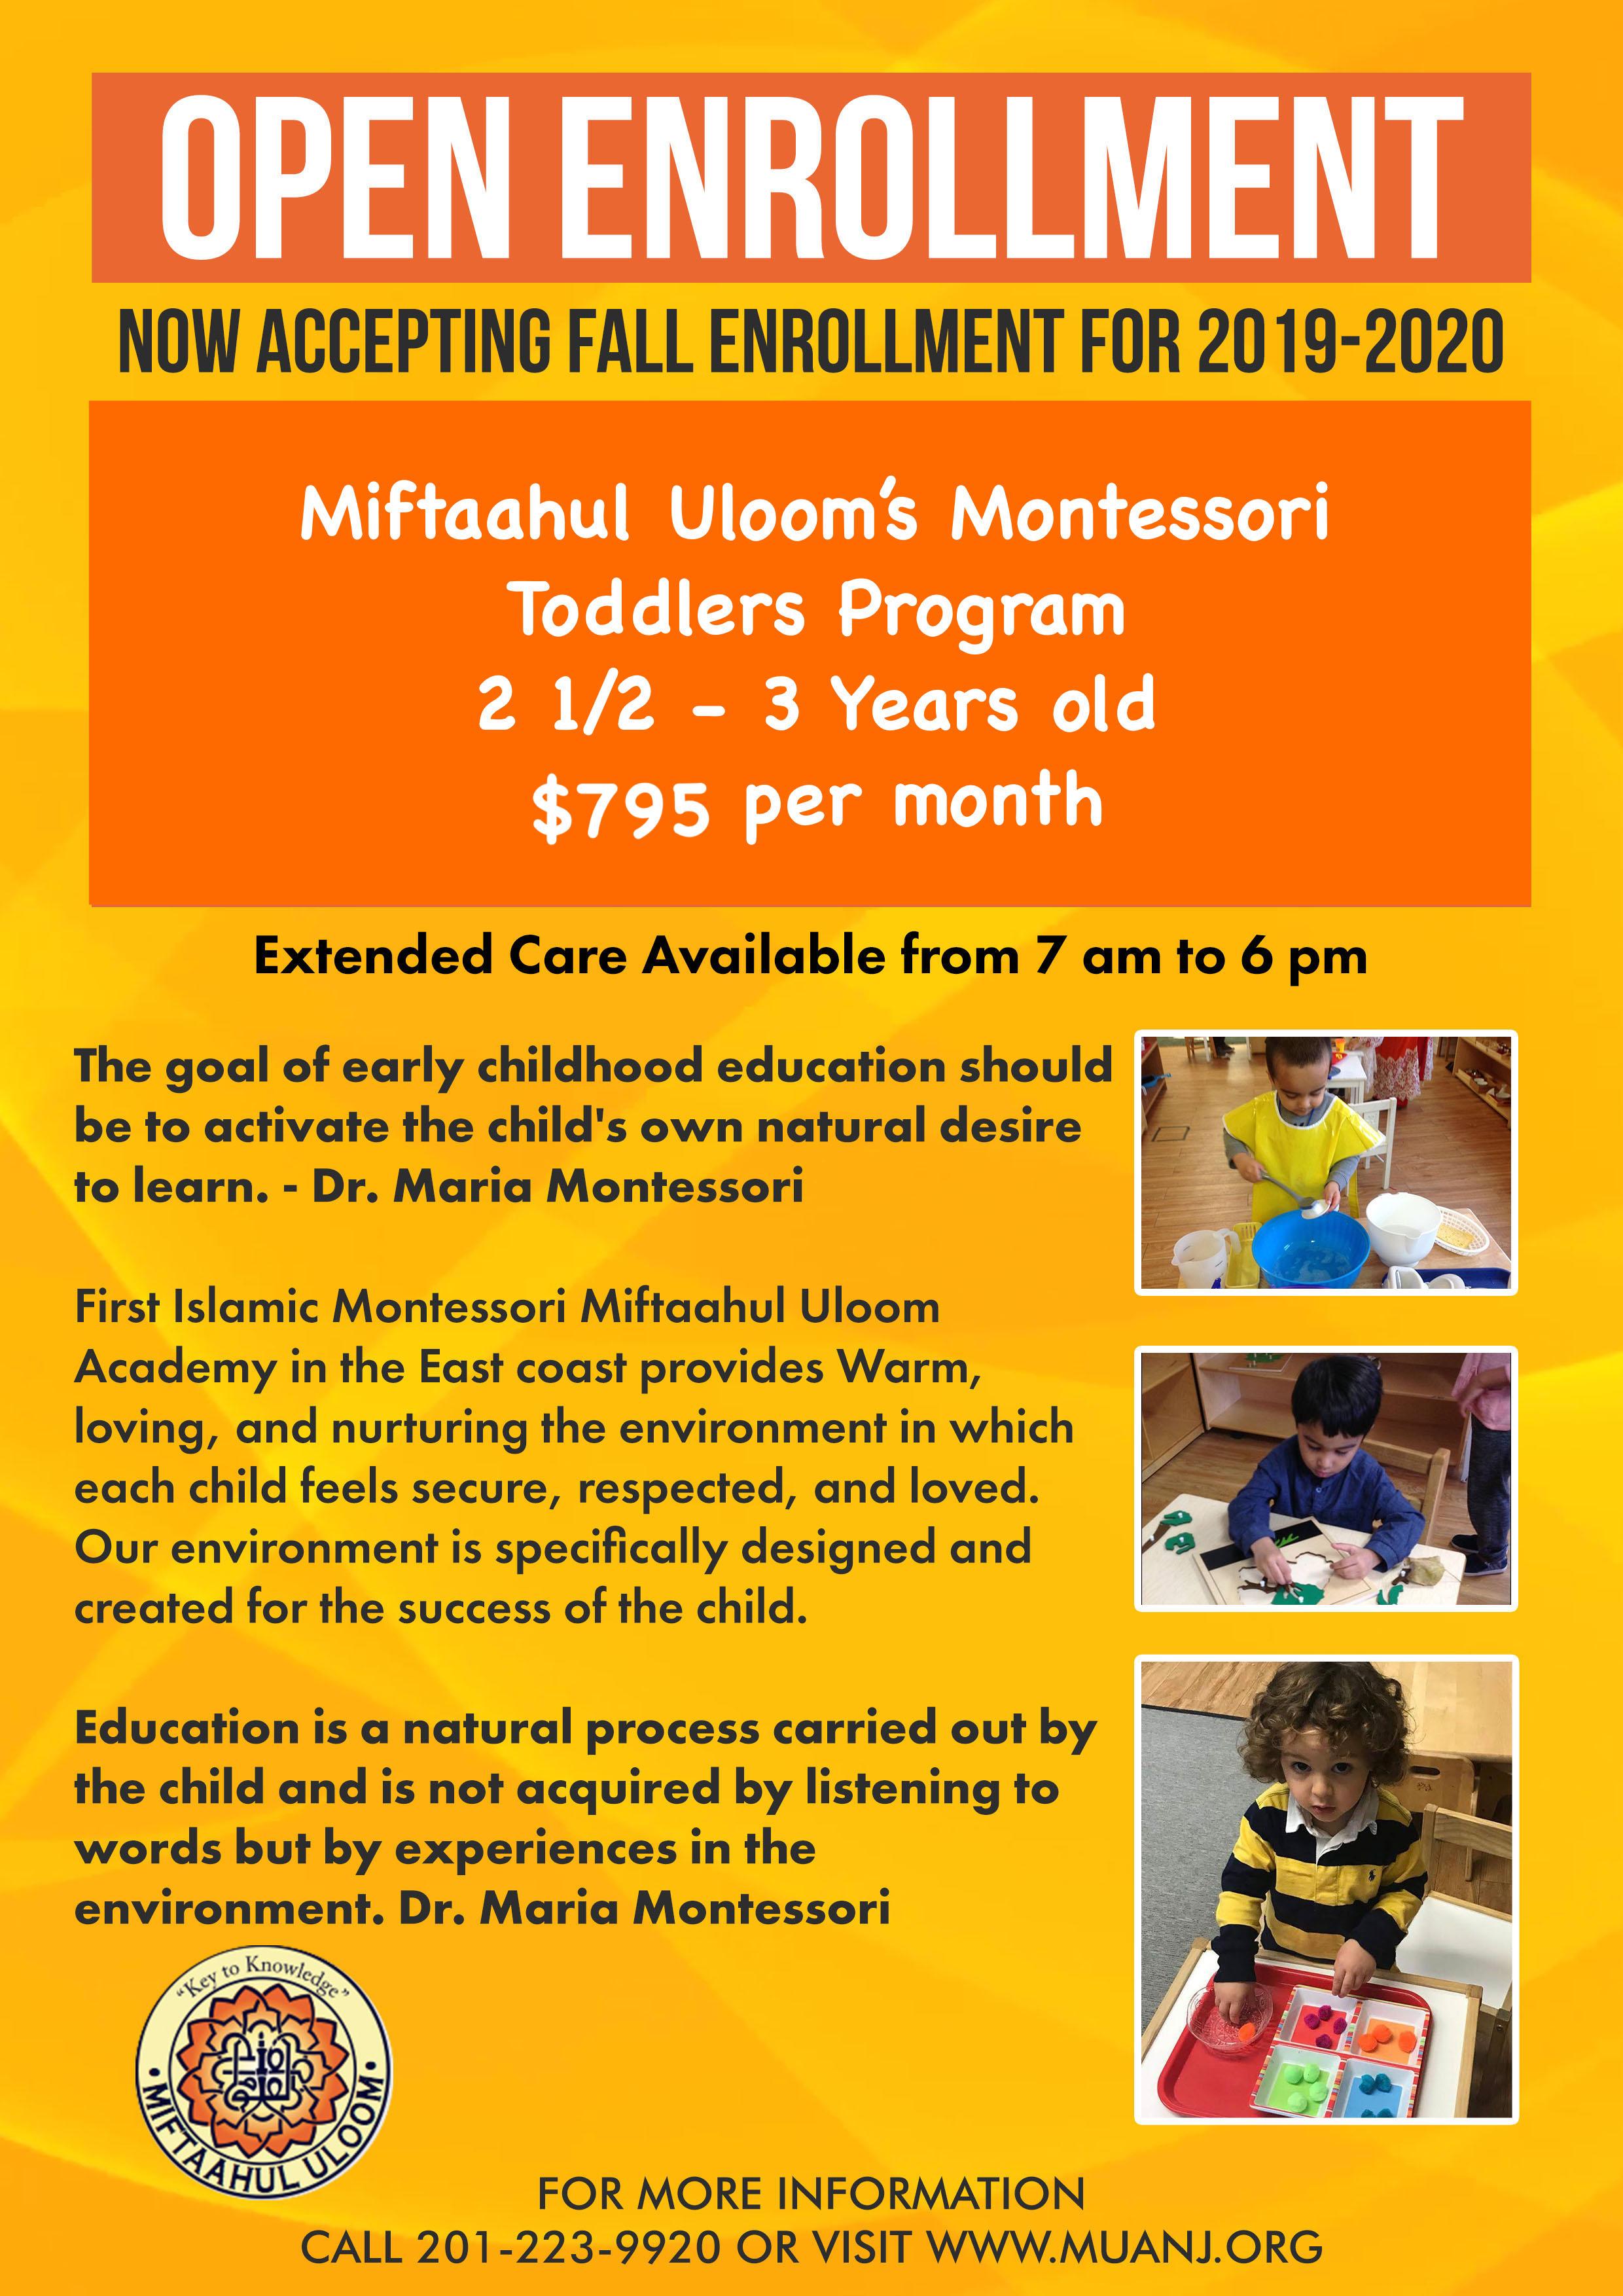 Montessori 2 1/2 -3 Years Old